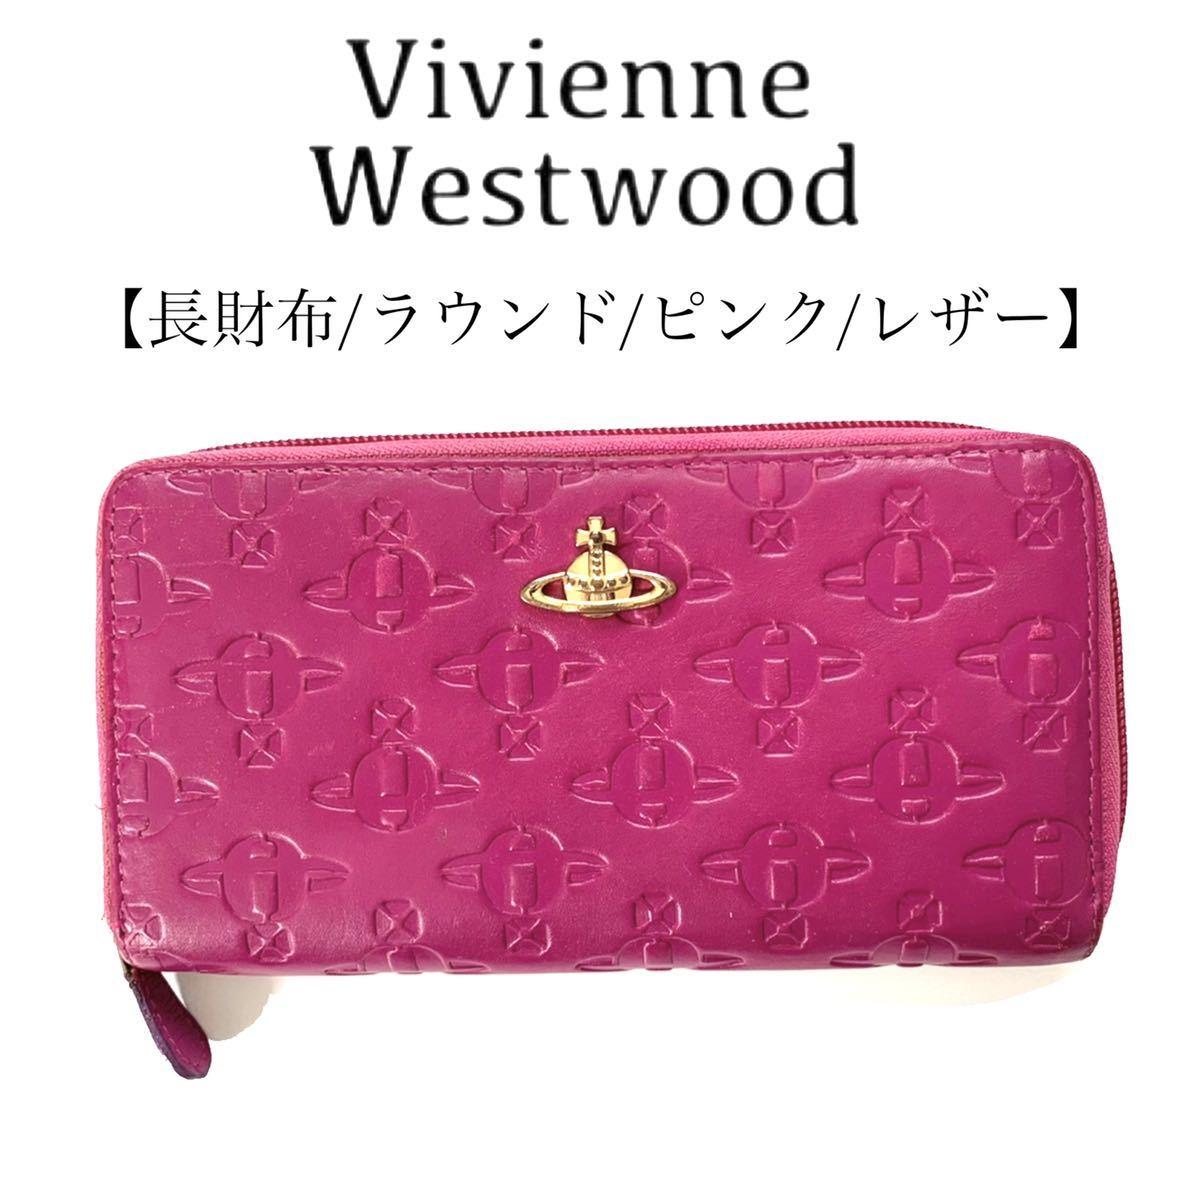 【送料無料】Vivienne Westwood ヴィヴィアンウエストウッド 長財布 ピンク ラウンドファスナー レザー レディース ラウンドジップ